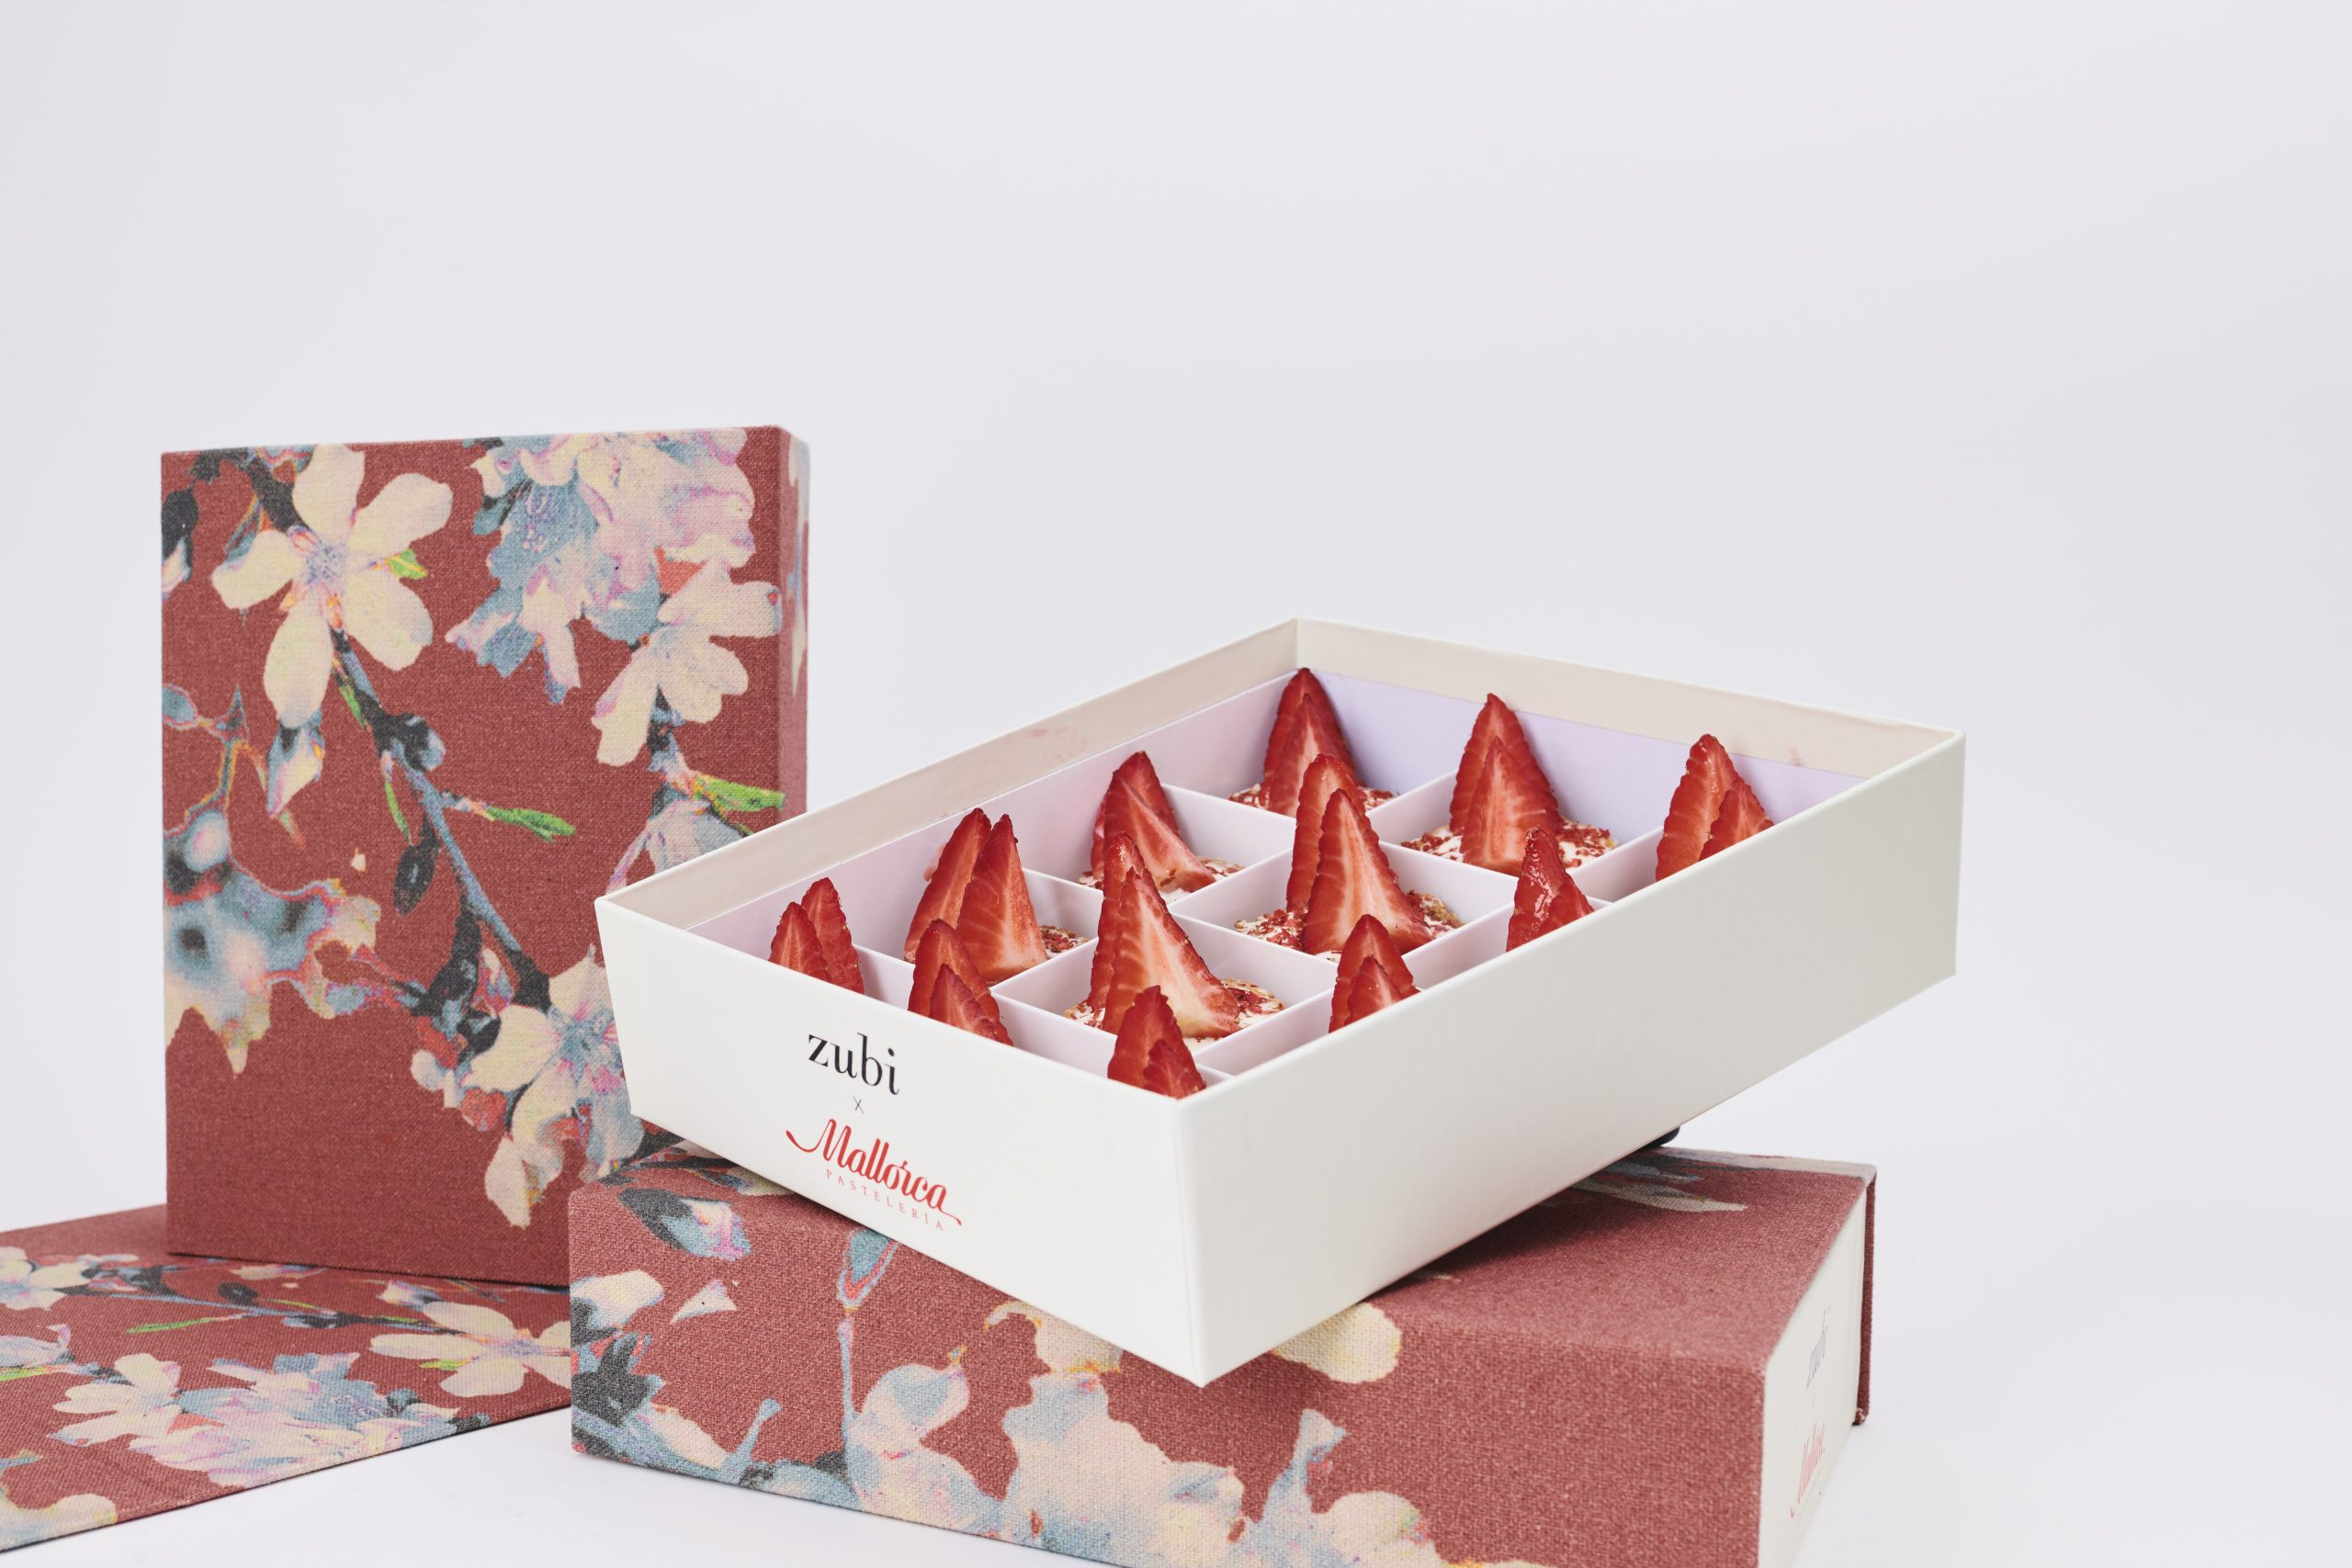 Una de las cajas de Zubi x Pastelería Mallorca / Foto: Pastelería Mallorca